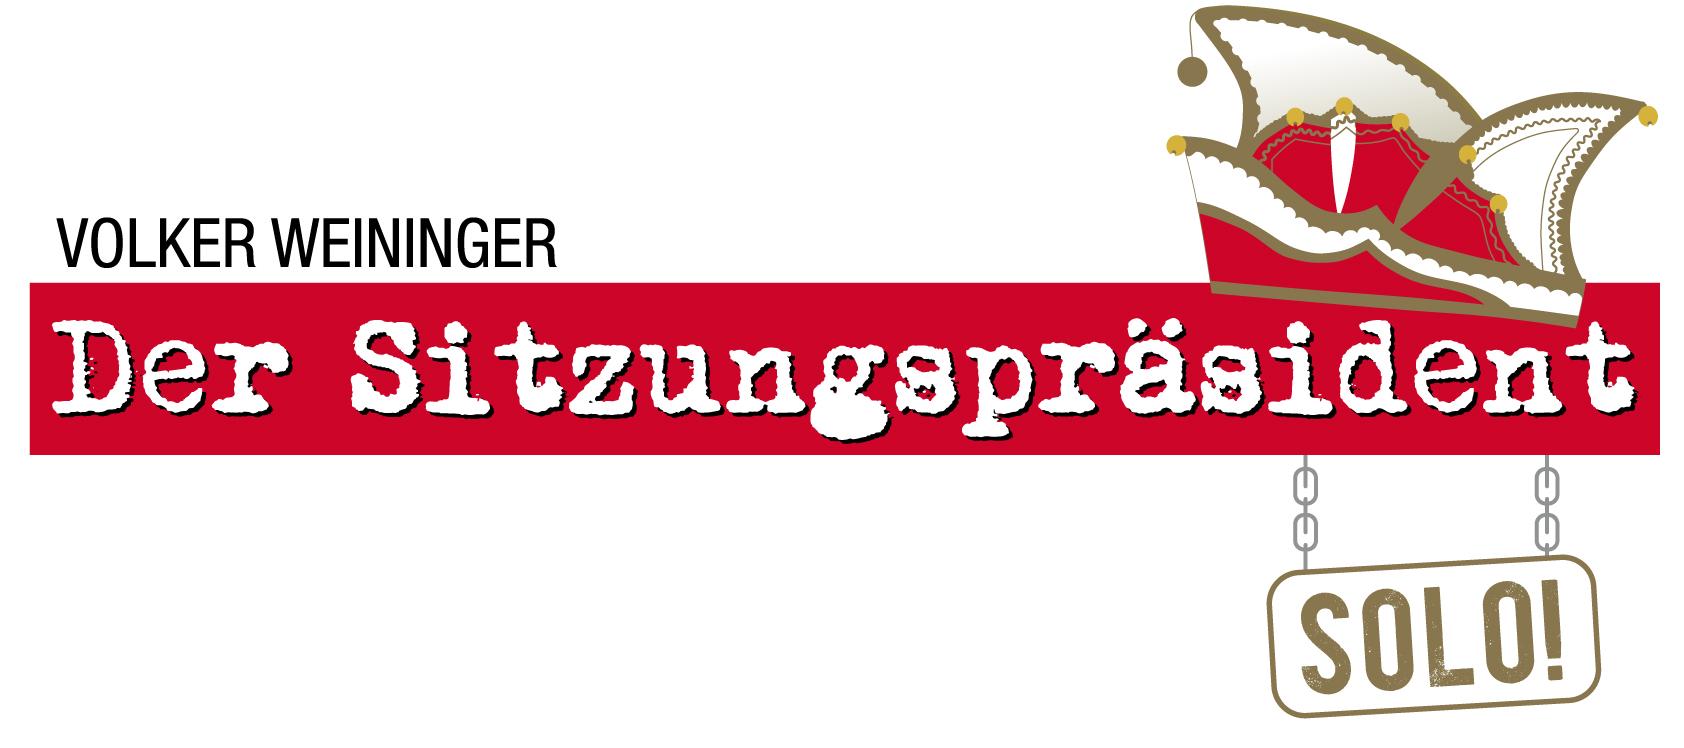 Volker Weininger - Der Sitzungspräsident - Samstag, 26.06.2021 - 20:00 Uhr